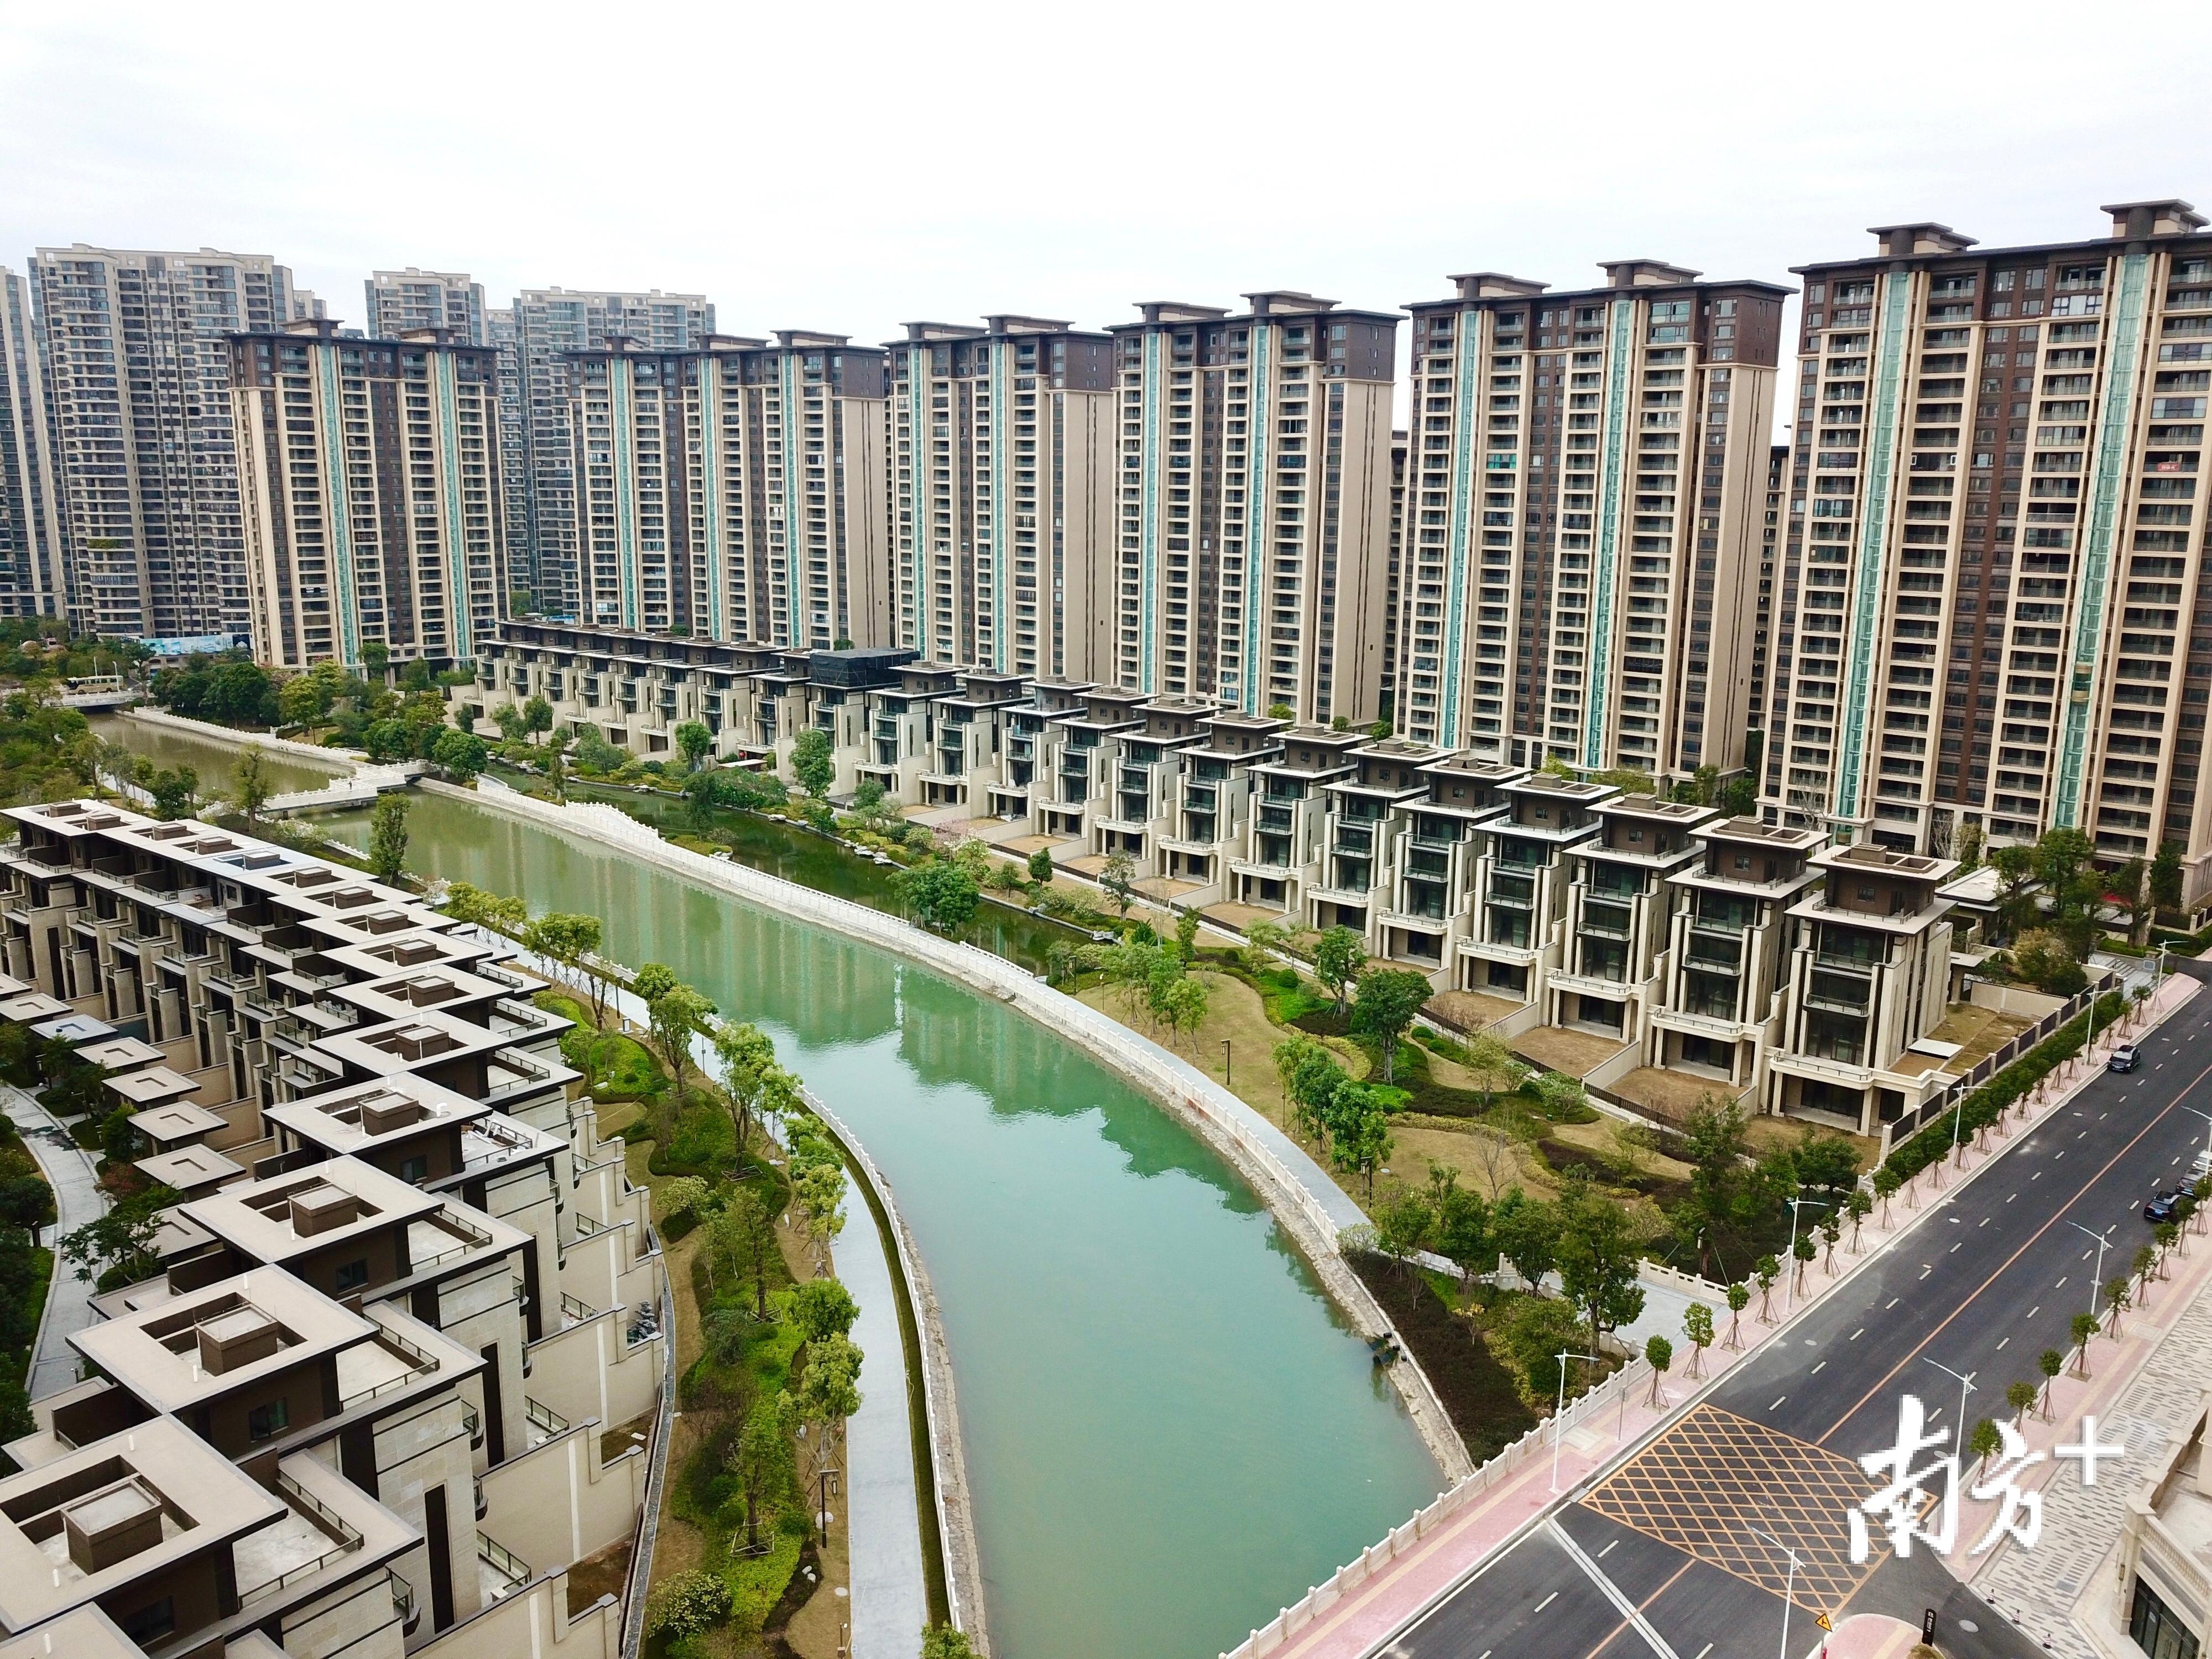 2019年,汕头市10.23万名缴存职工提取住房公积金27亿元。